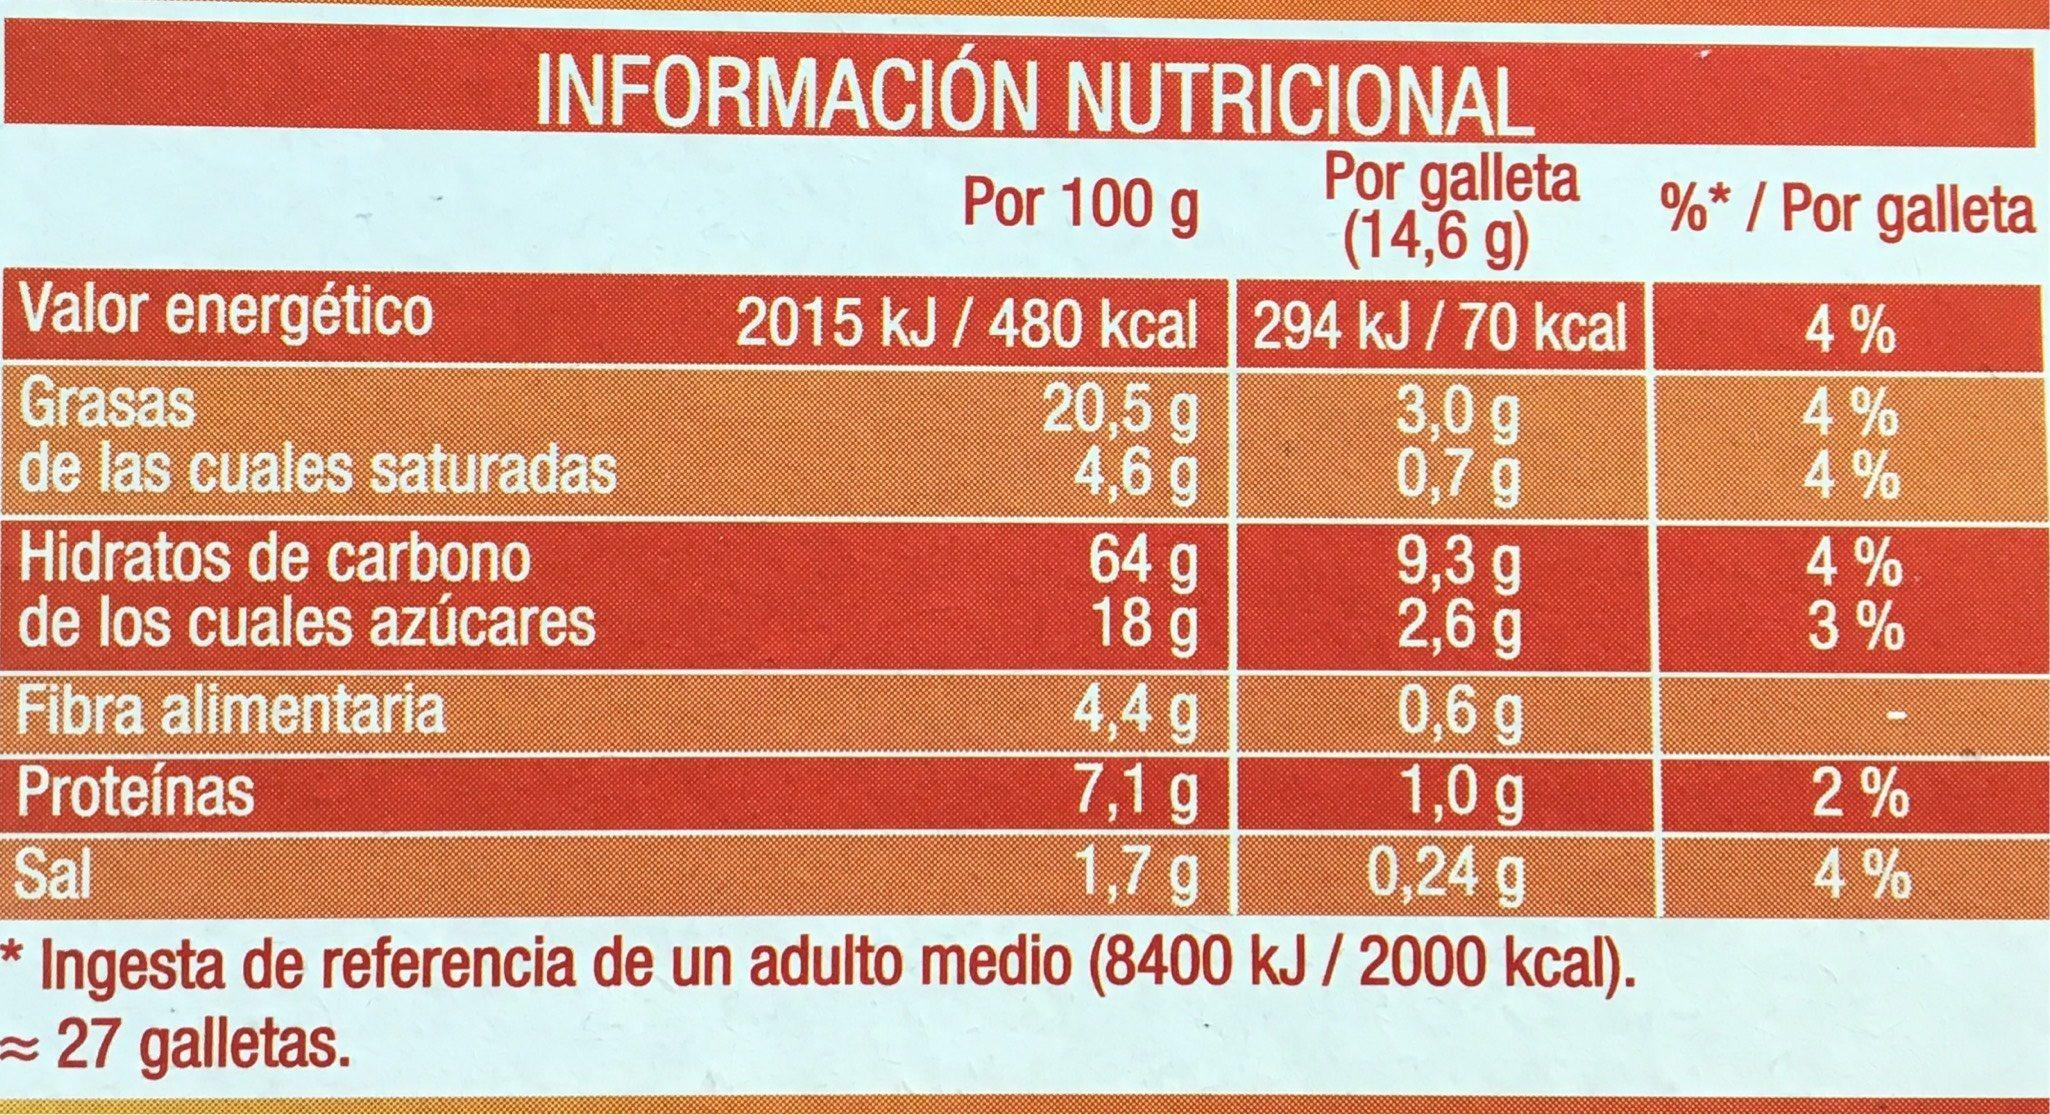 Galleta Fontaneda Digestive Paquete De 400 G 41167 - Información nutricional - es